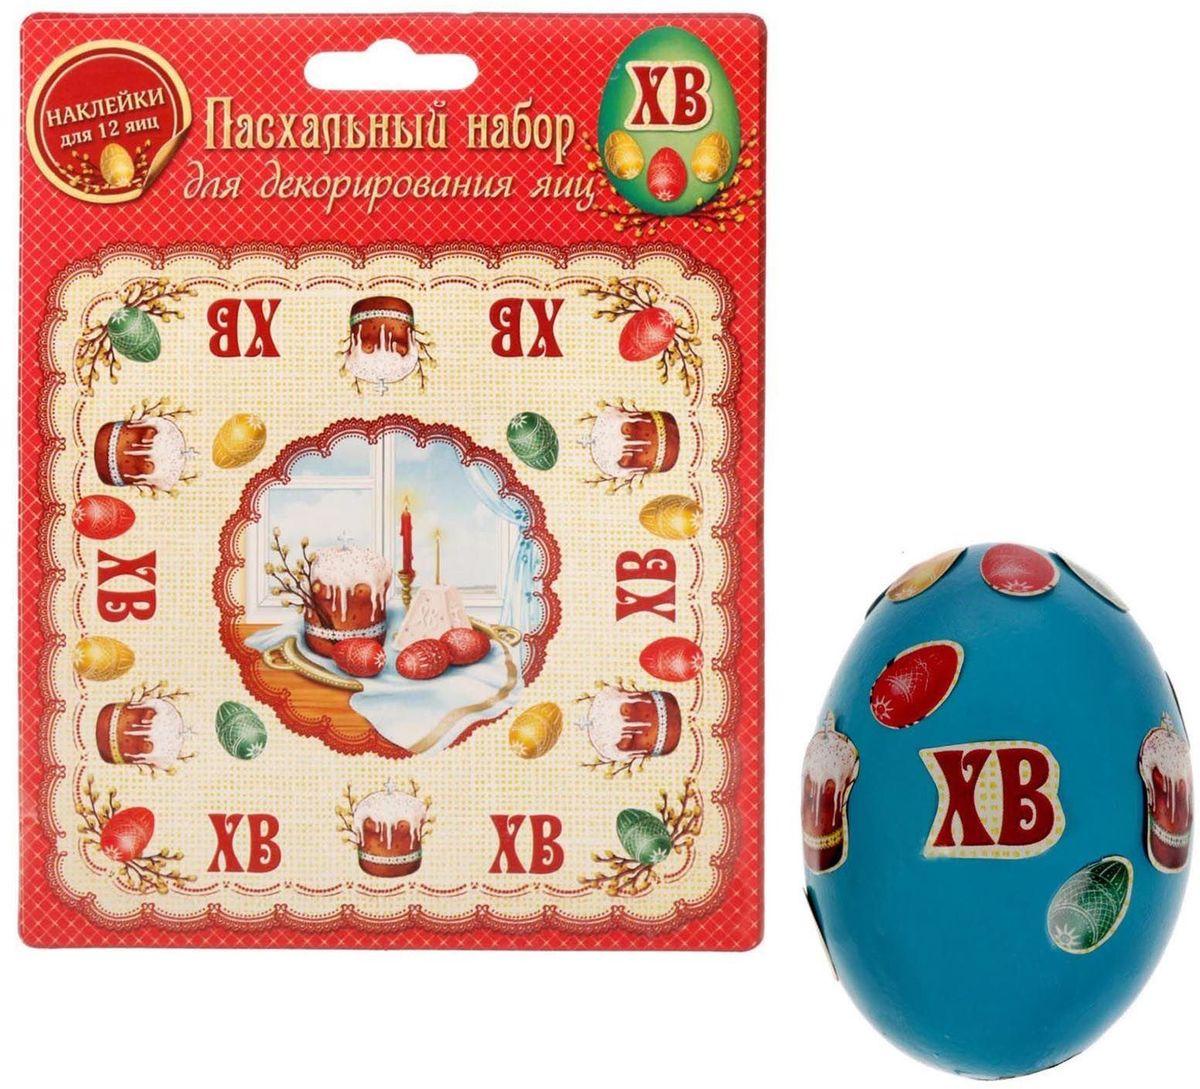 Пасхальный набор для декорирования яиц Пасхальная композиция, 12,5 х 16 см. 1635920115510Пасхальный набор для декорирования яиц - прекрасный выбор для создания атмосферы праздника. У каждого из нас есть любимый праздник, которого он ждет с нетерпением! Это может быть Новый Год или День Рождения, 8 Марта или 23 Февраля, когда вы просыпаетесь с утра с улыбкой и готовы делиться хорошим настроением со всеми.